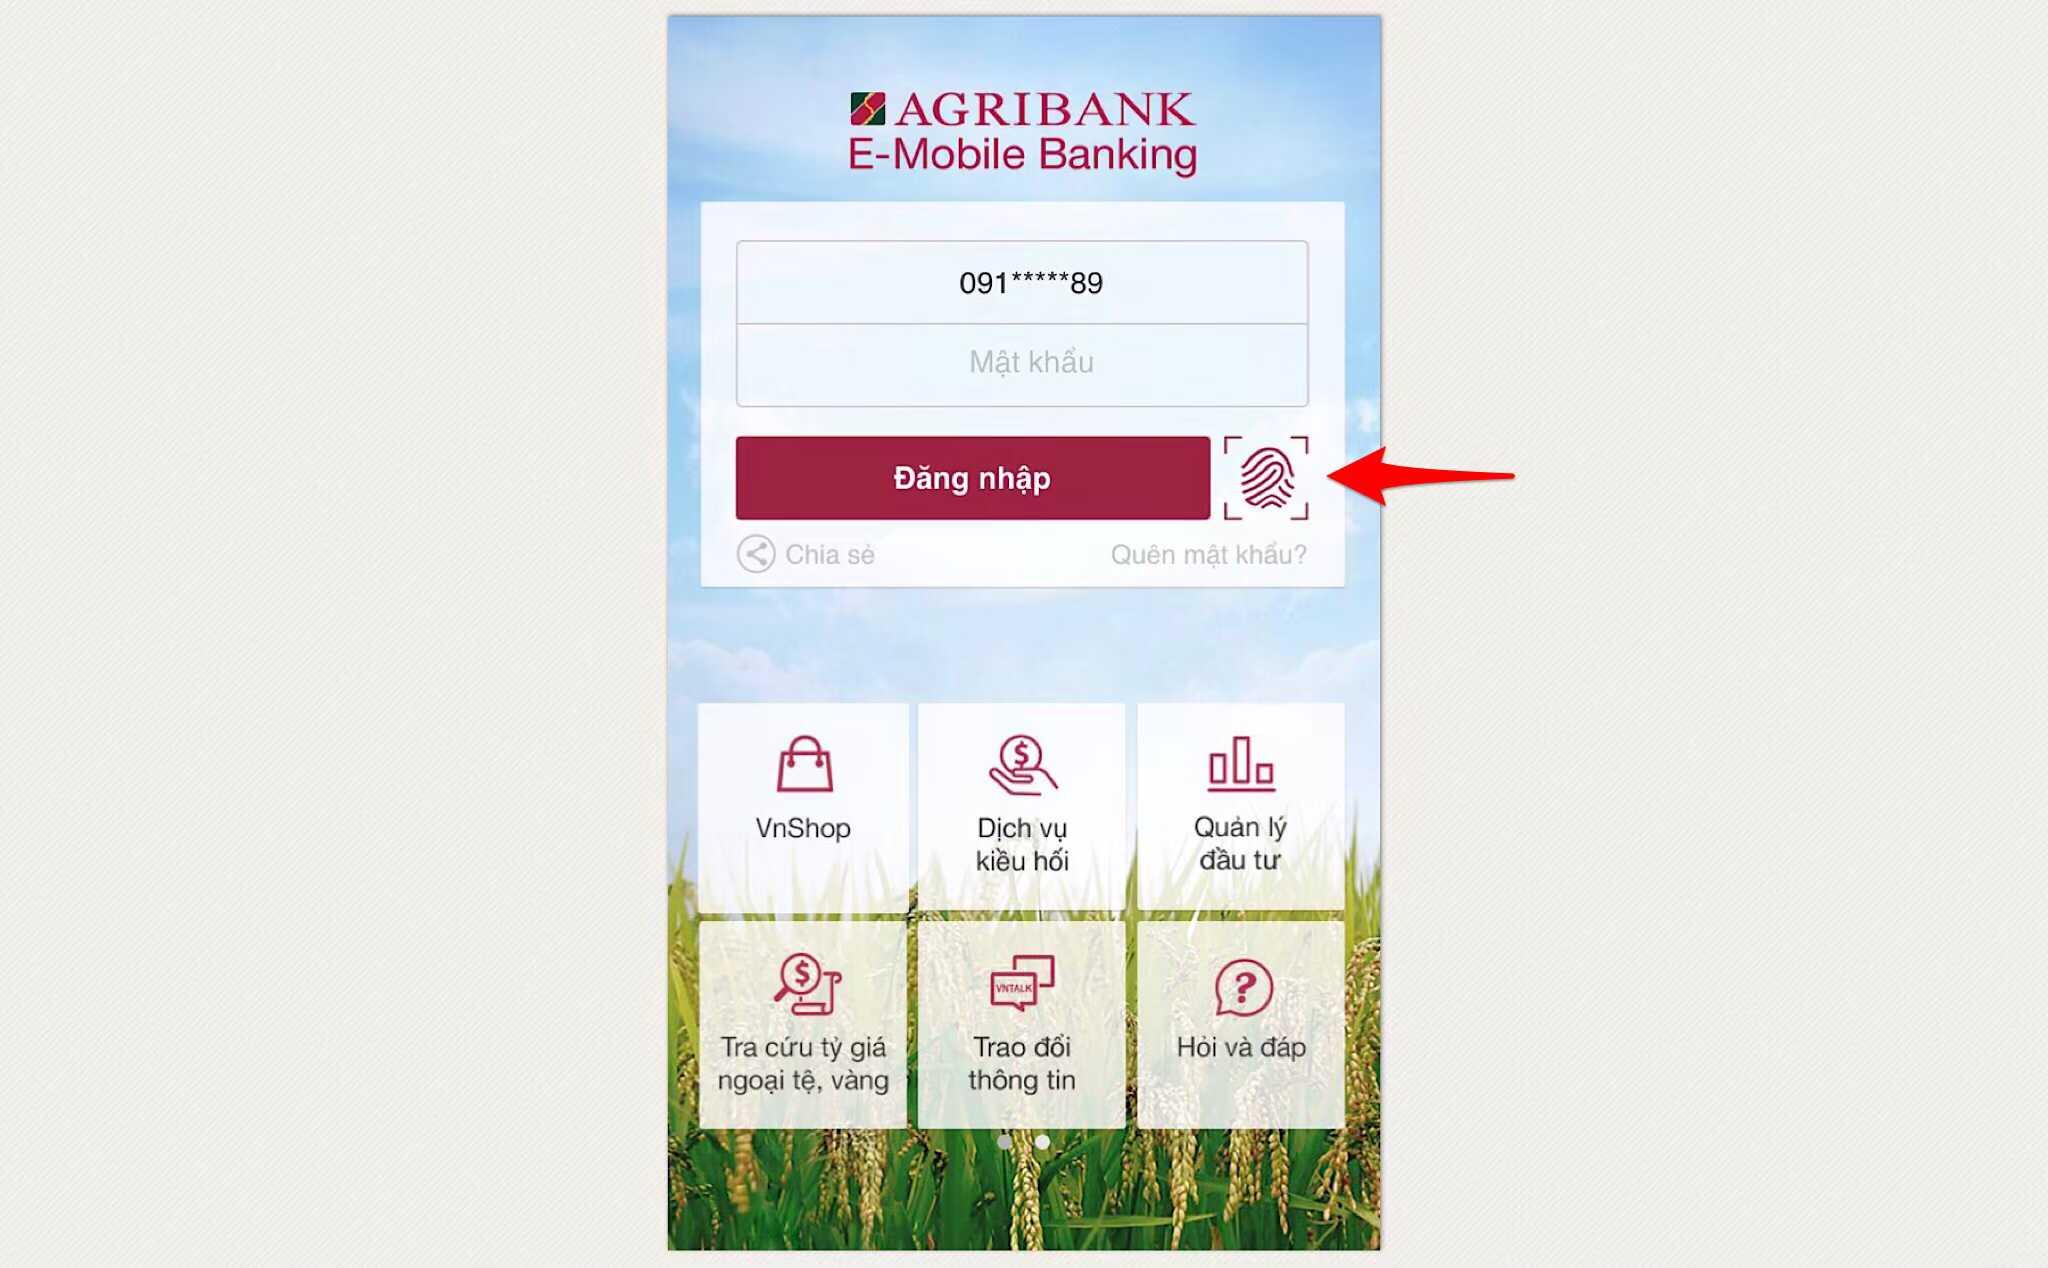 Cách chuyển tiền qua thẻ ATM Agribank bằng điện thoại